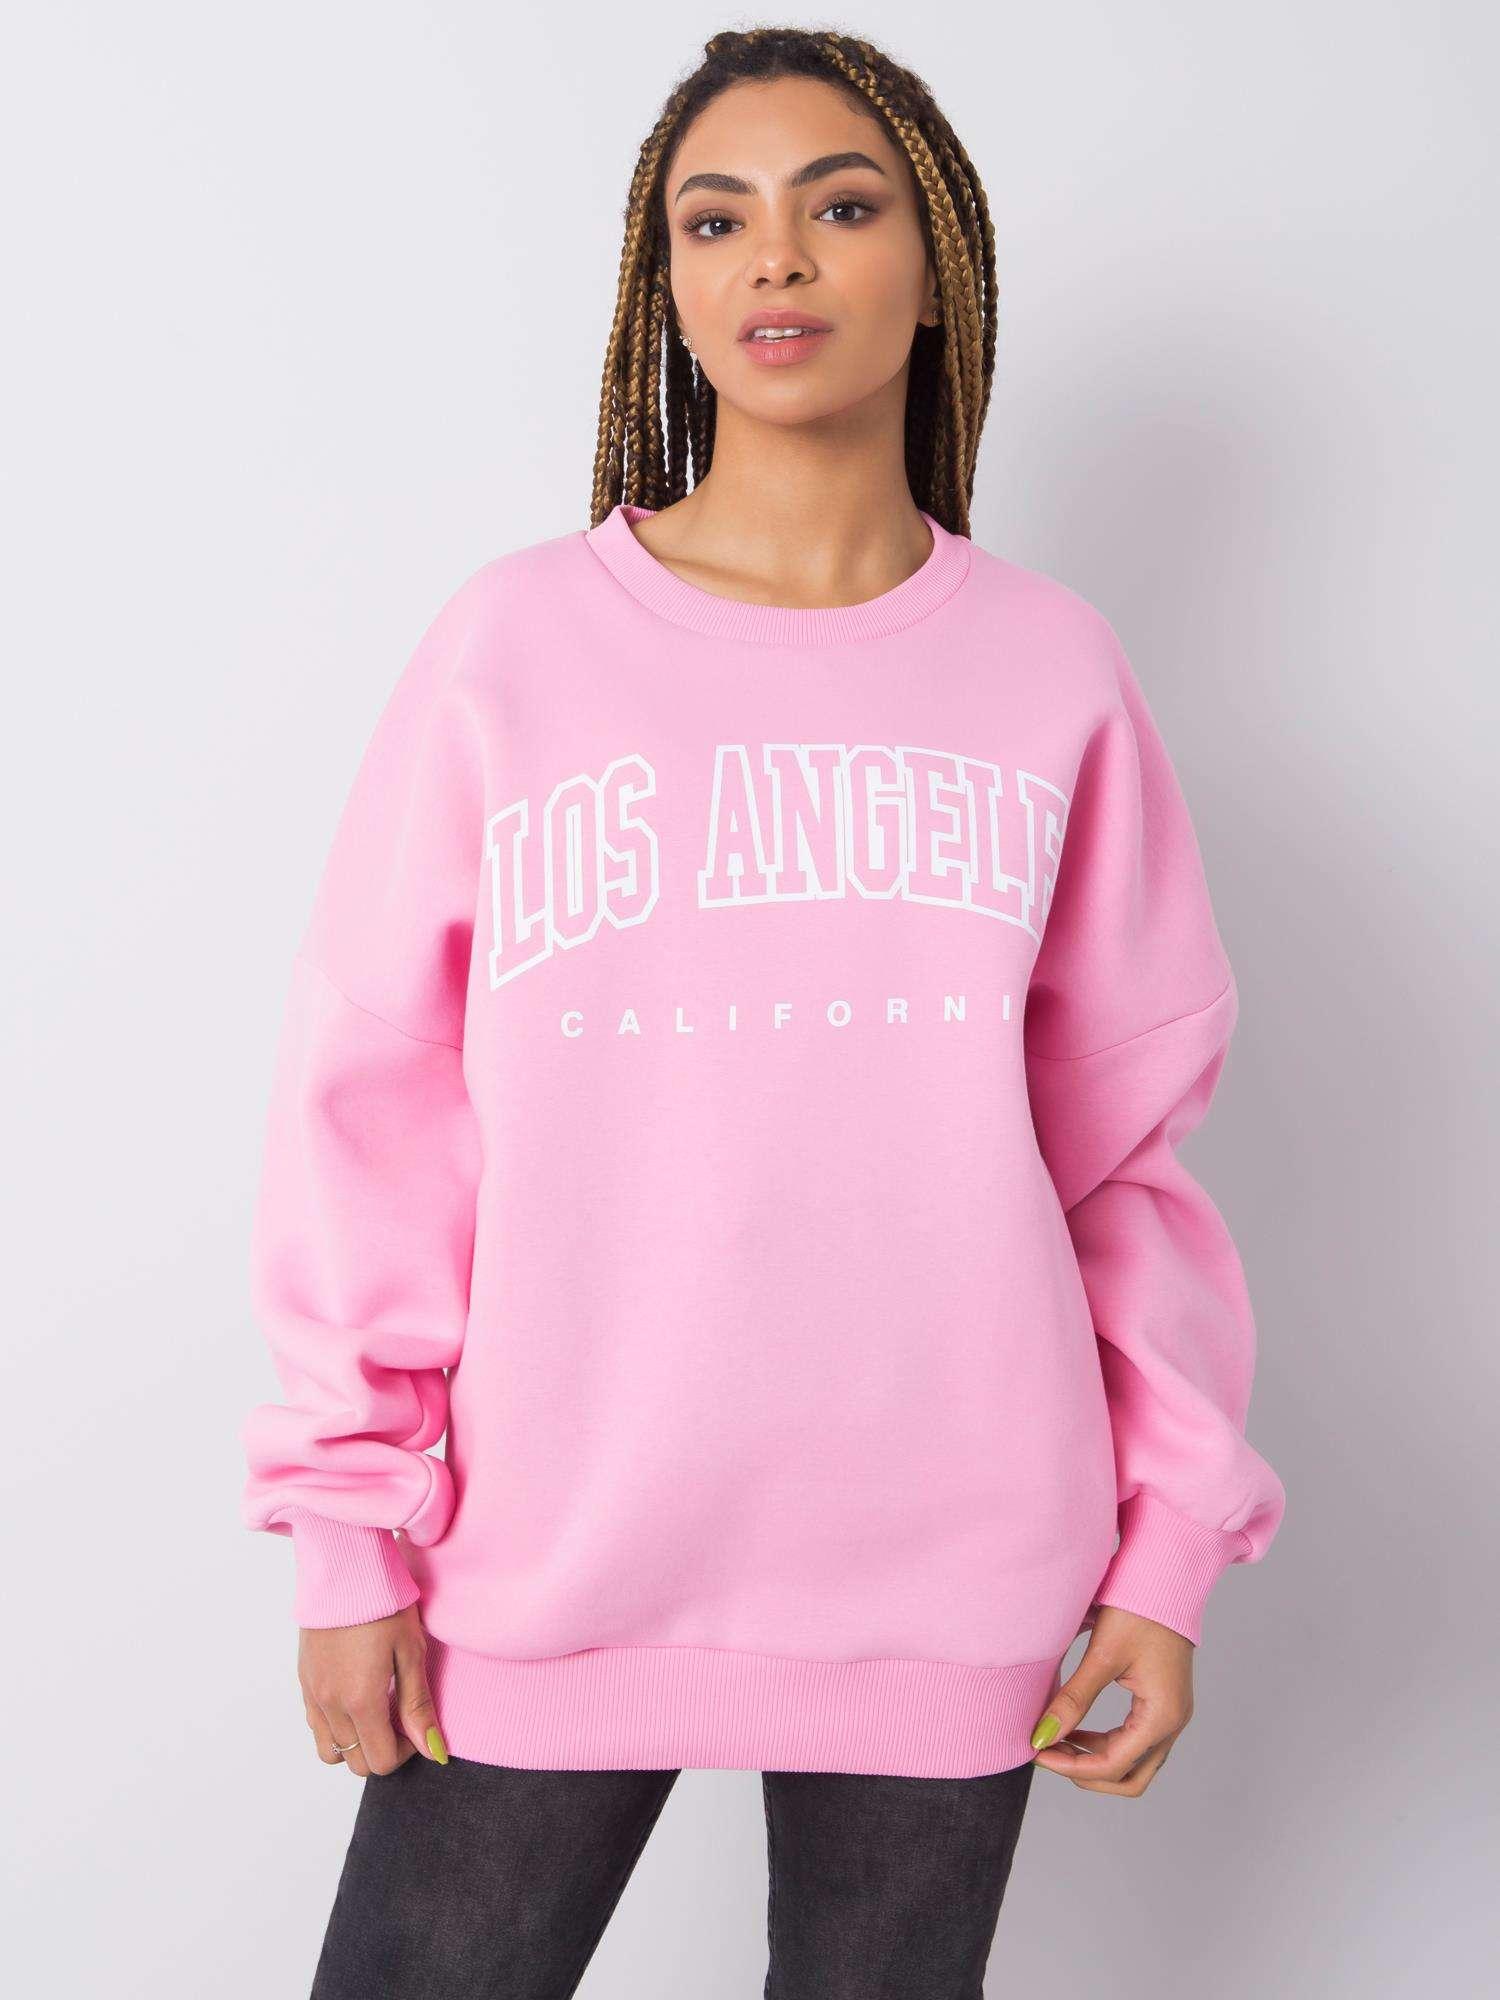 Sweatshirt in Rosa mit Aufdruck Komplettansicht